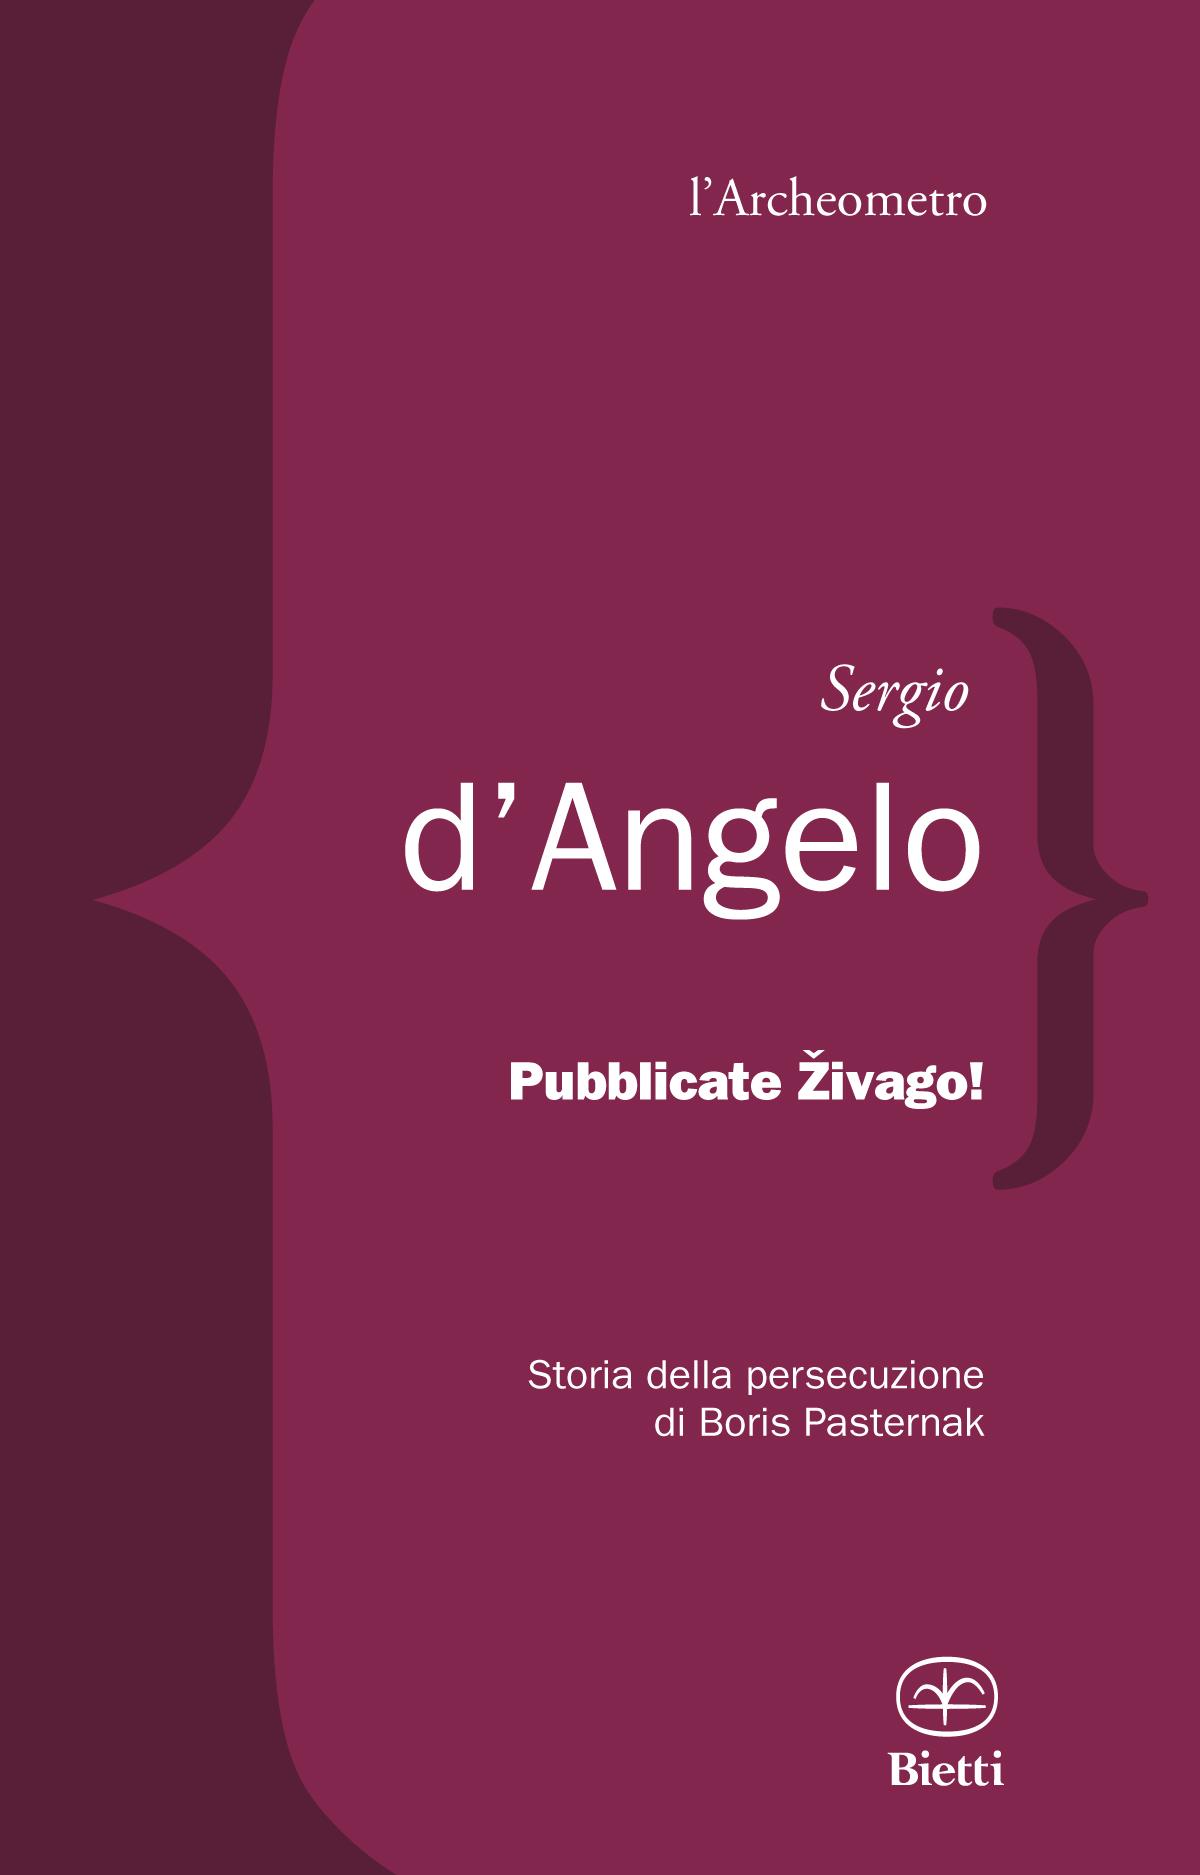 Pubblicate Živago! Storia della persecuzione di Boris Pasternak